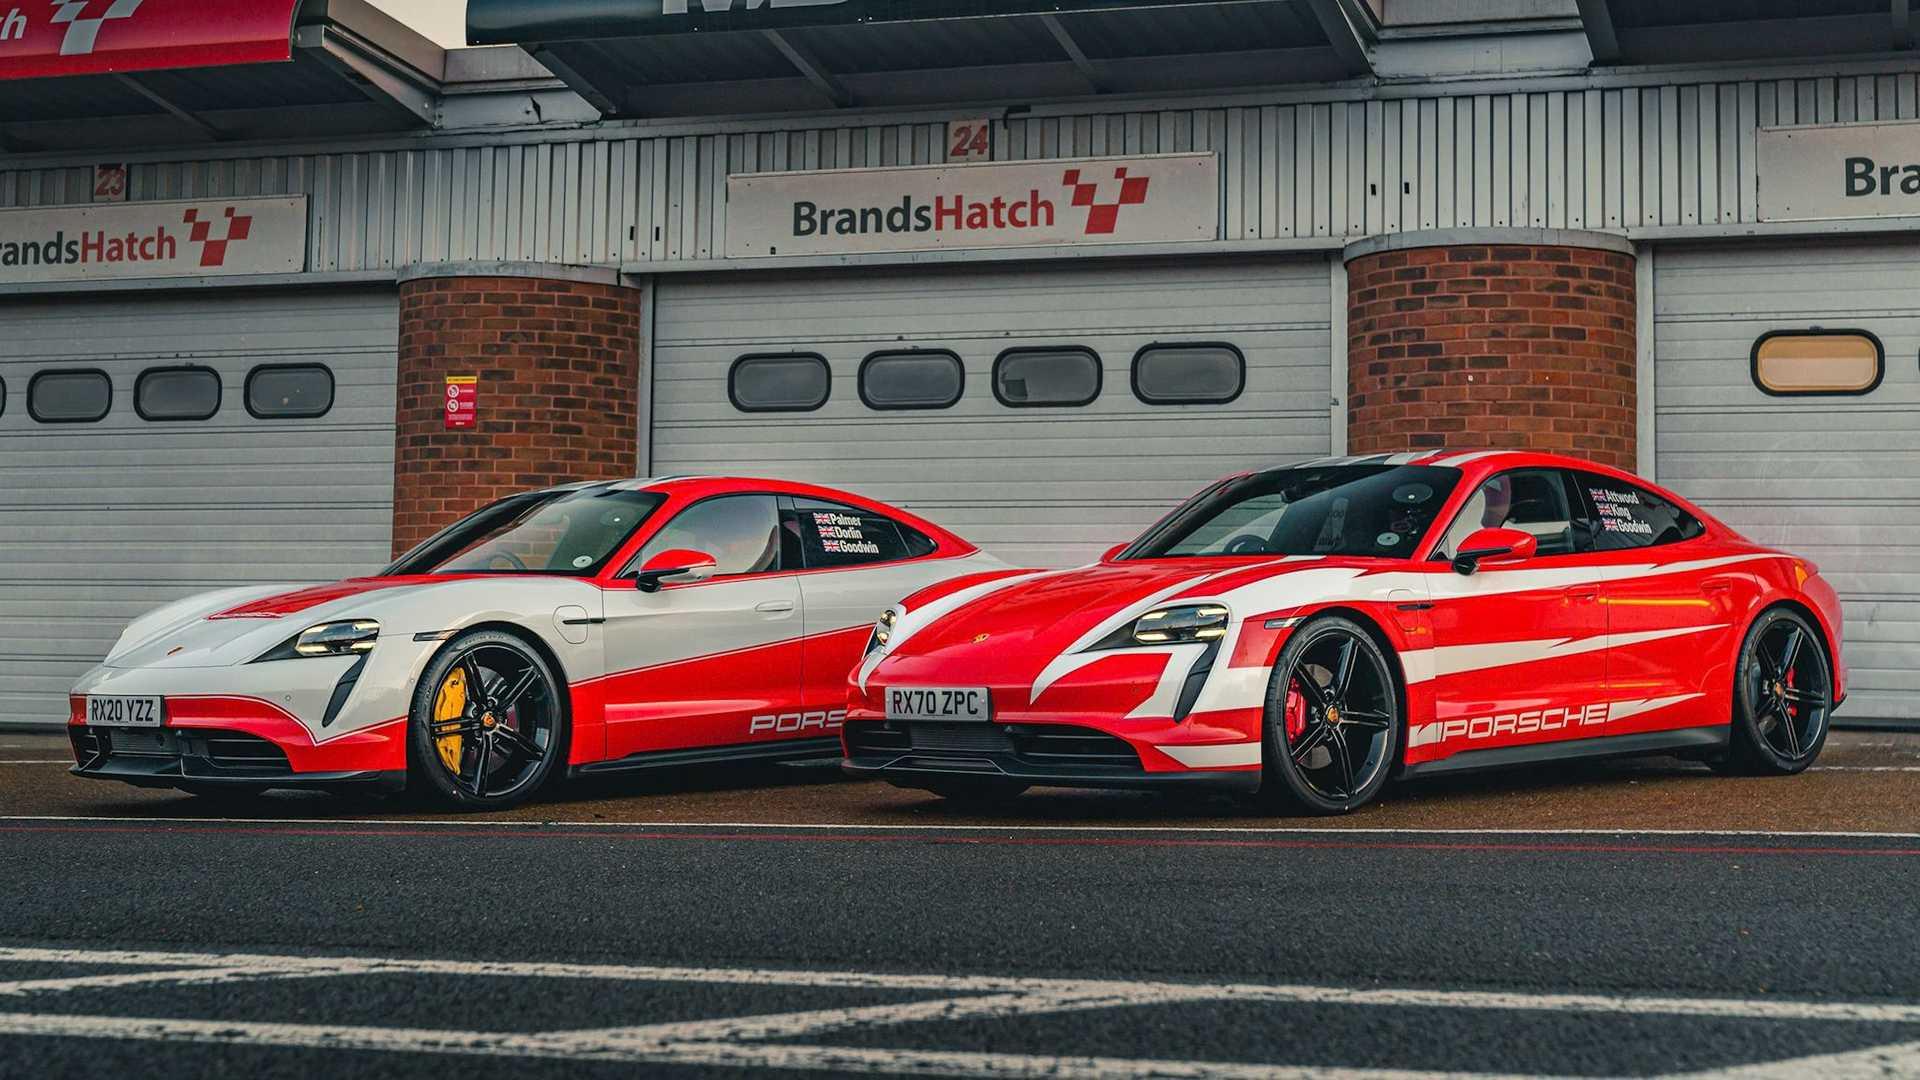 Porsche-Taycan-At-Brands-Hatch-Circuit-11